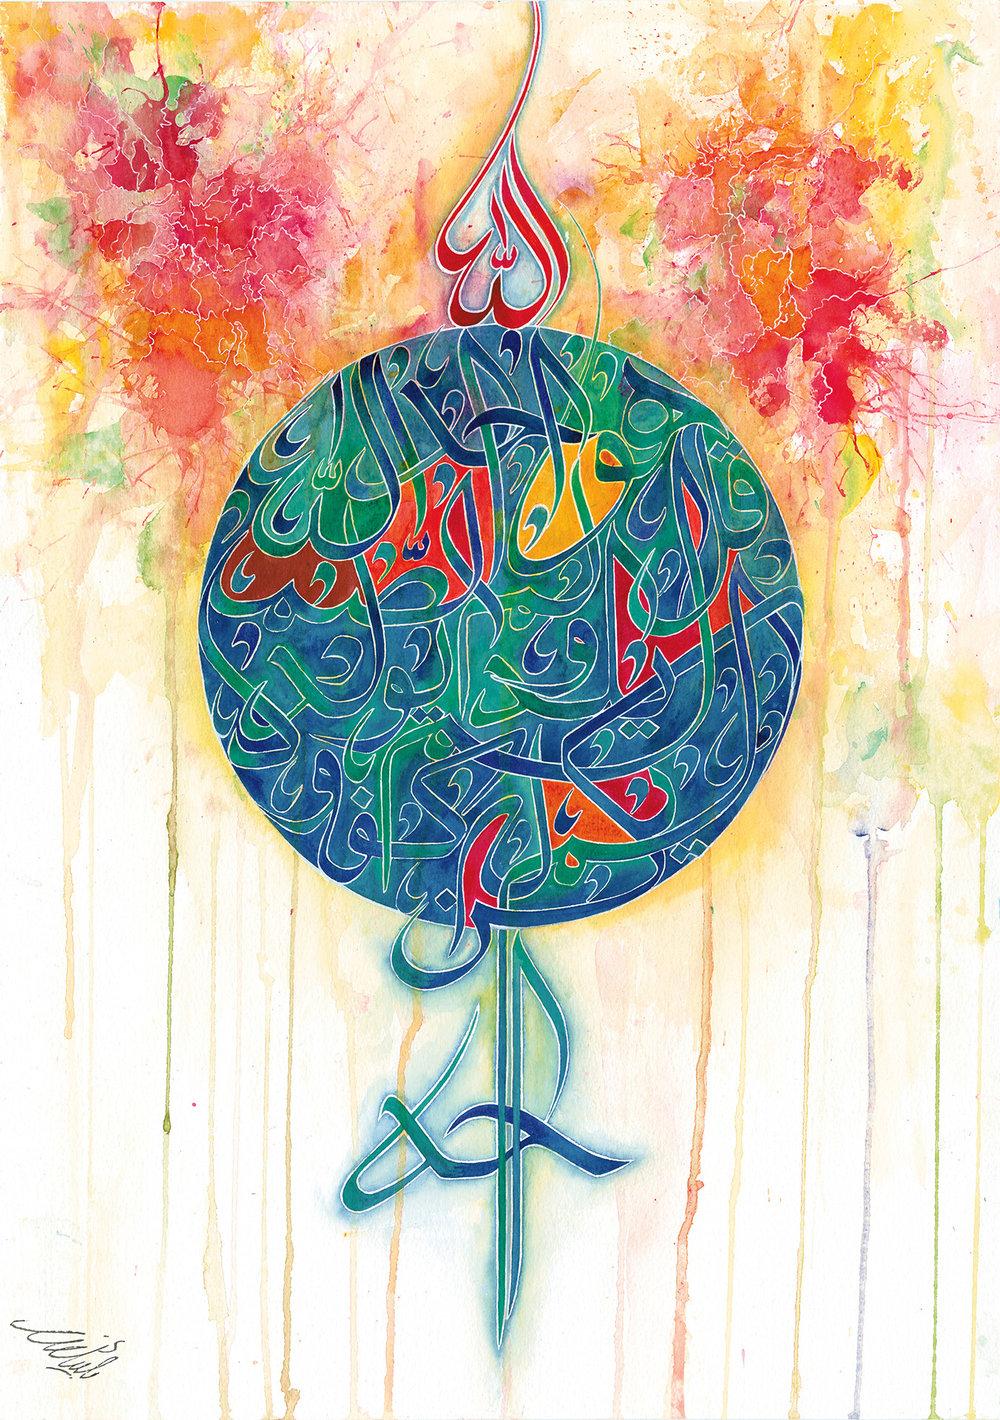 Sūrah Ikhlas